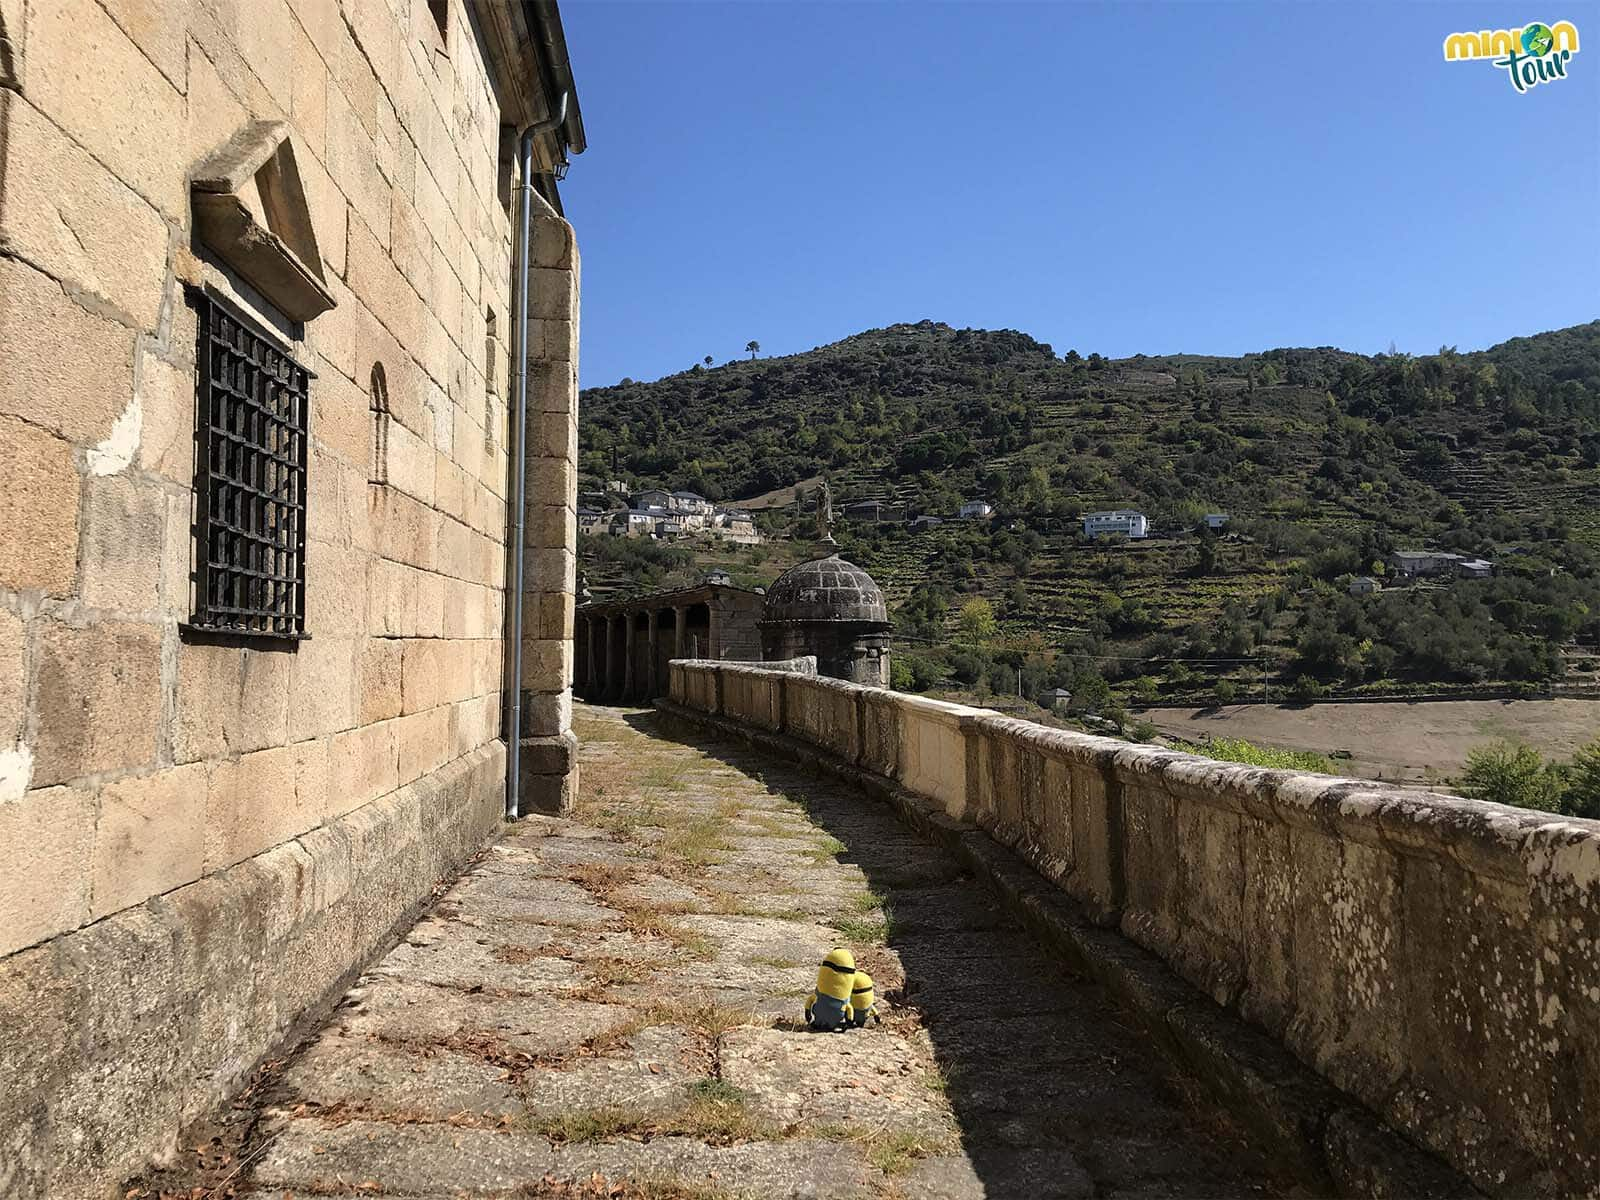 Minions paseando por el Santuario de Las Ermitas